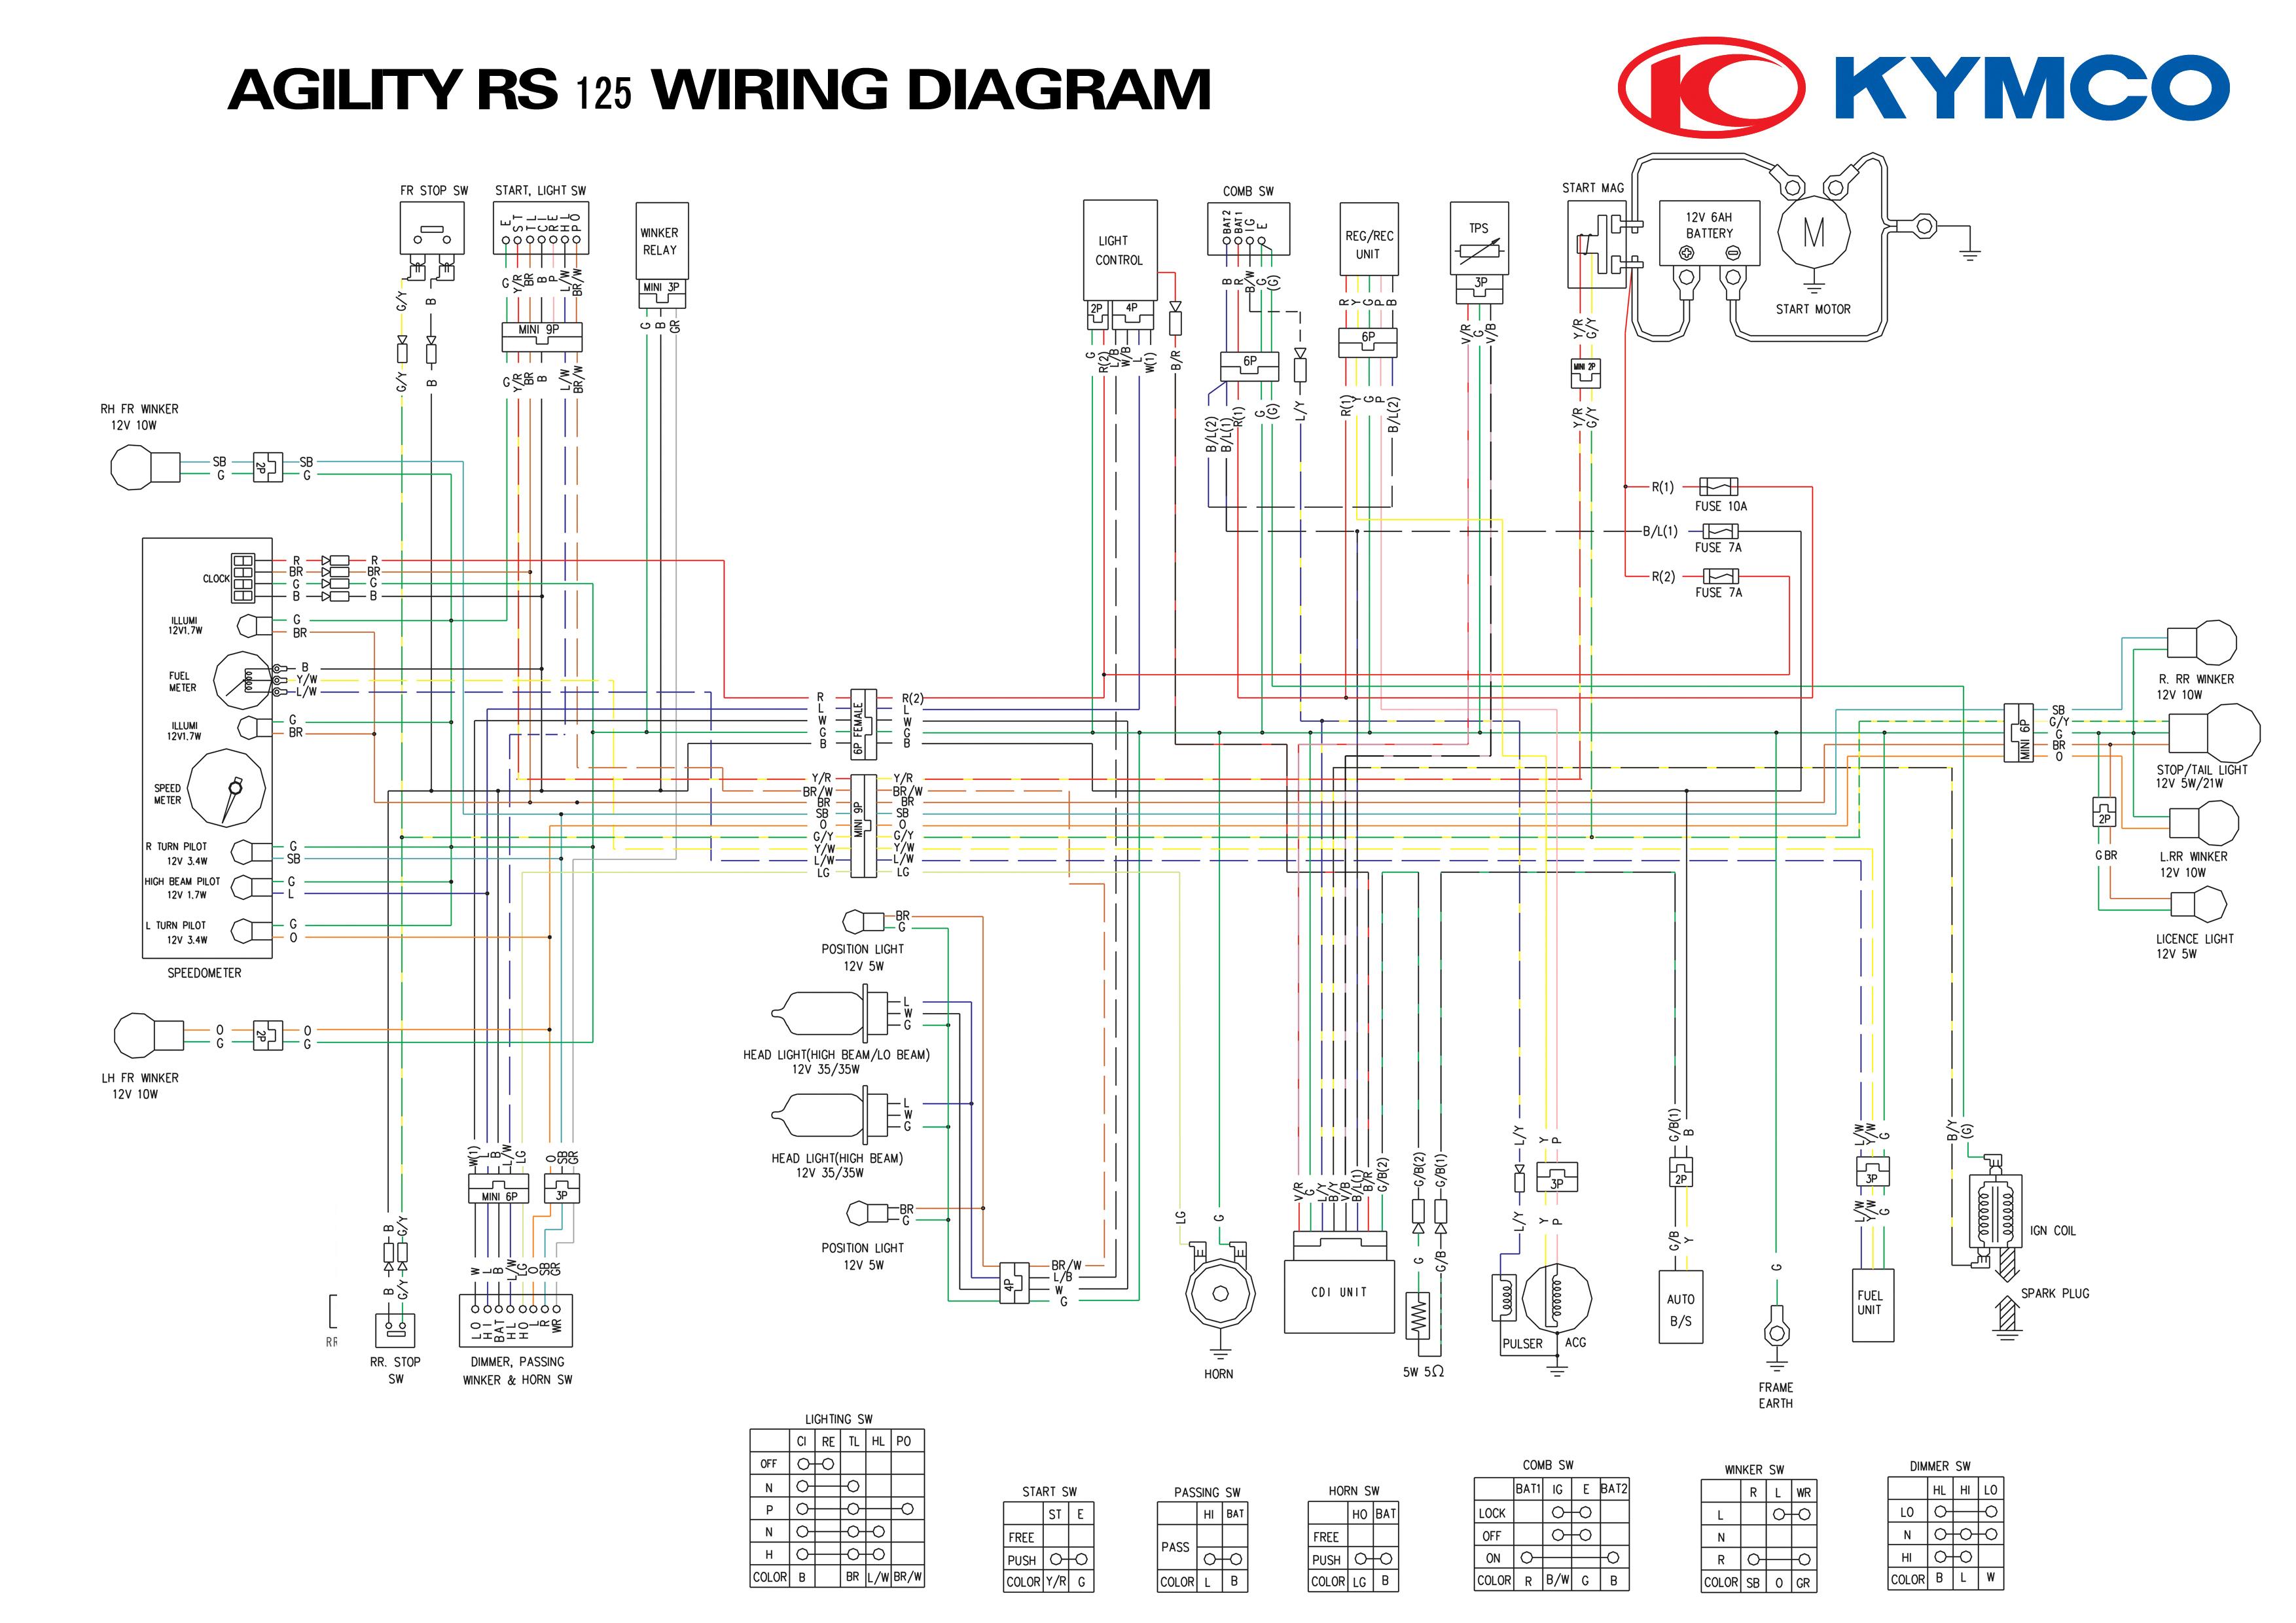 35_1273933649 Kymco Wiring Diagram on kawasaki wiring diagram, garelli wiring diagram, kreidler wiring diagram, ignition coil wiring diagram, dodge wiring diagram, honda wiring diagram, cf moto wiring diagram, gy6 cdi wiring diagram, kasea wiring diagram, norton wiring diagram, generic wiring diagram, husaberg wiring diagram, asus wiring diagram, beta wiring diagram, benq wiring diagram, ajs wiring diagram, tomos wiring diagram, evinrude wiring diagram, bajaj wiring diagram, smc wiring diagram,